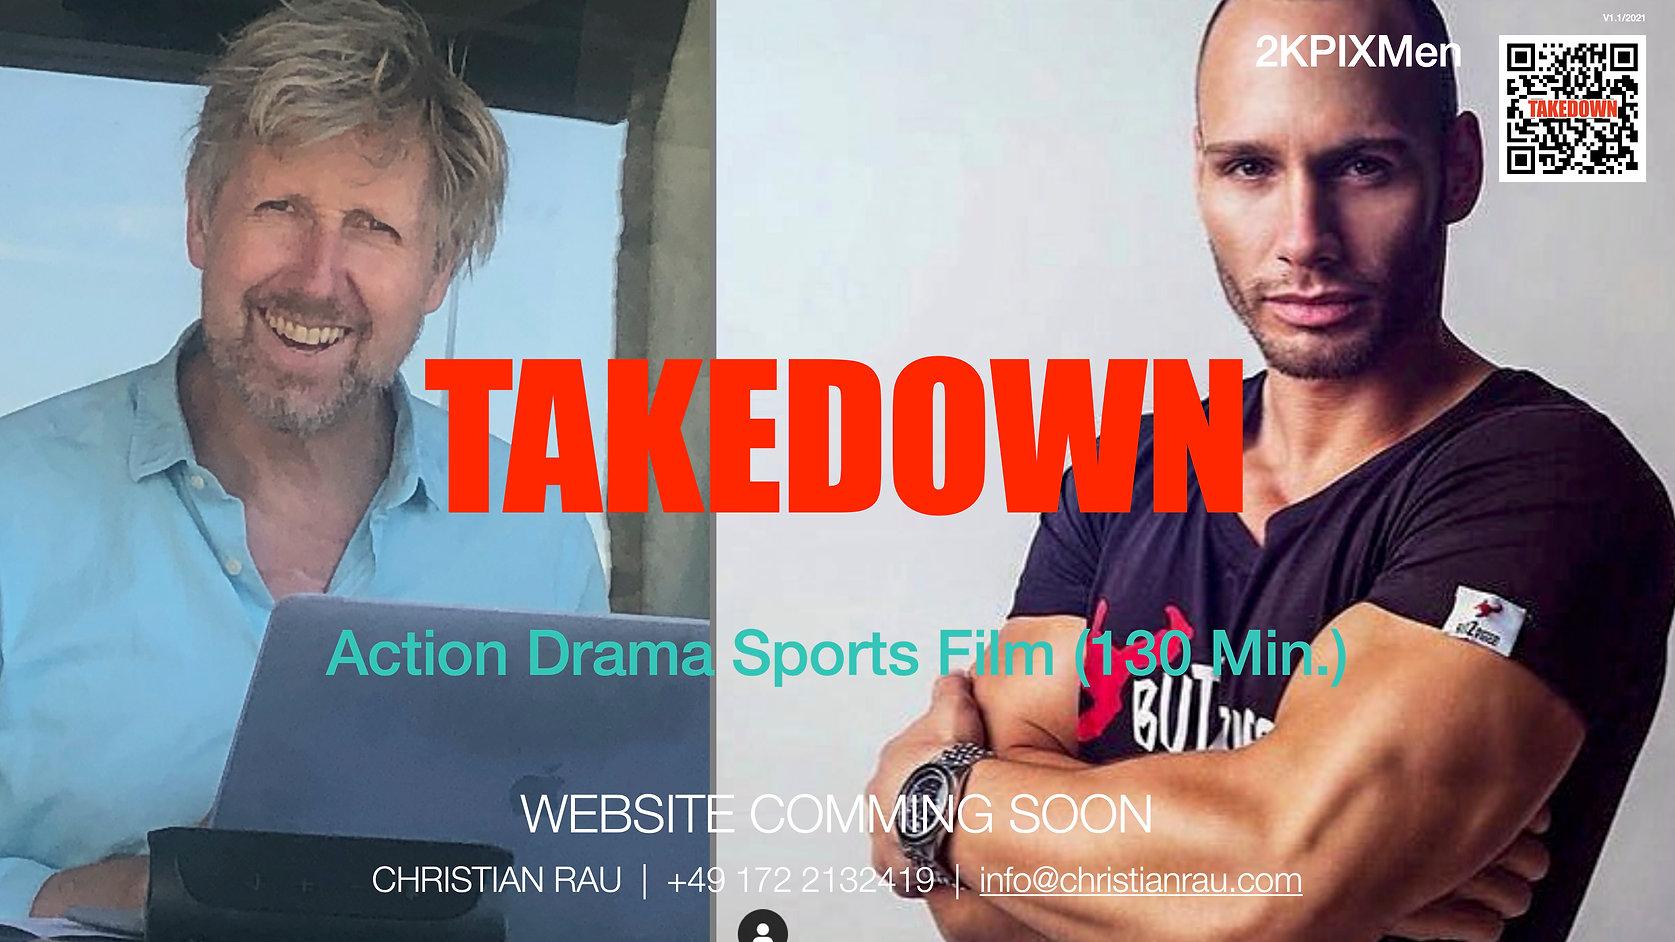 Takedown web commin soon.jpg